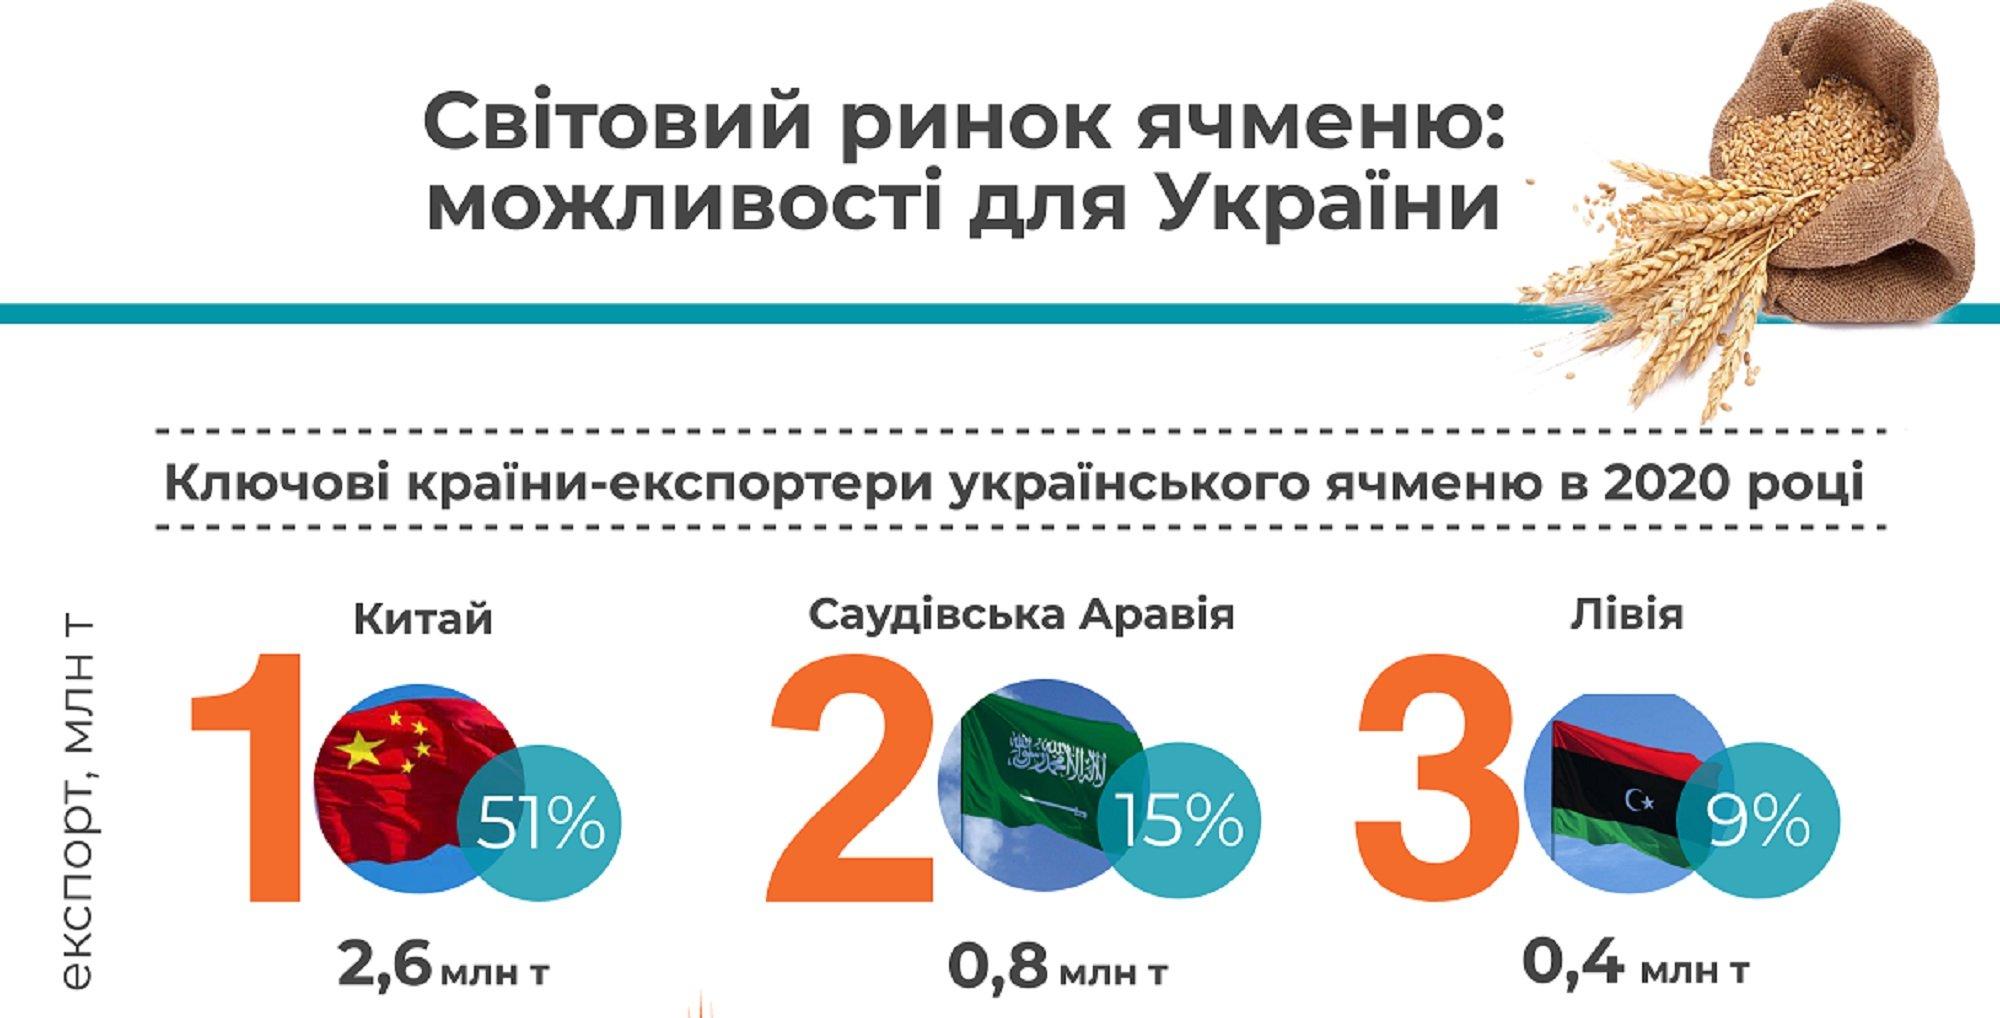 Україна увійшла до трійки лідерів з експорту ячменю у світі